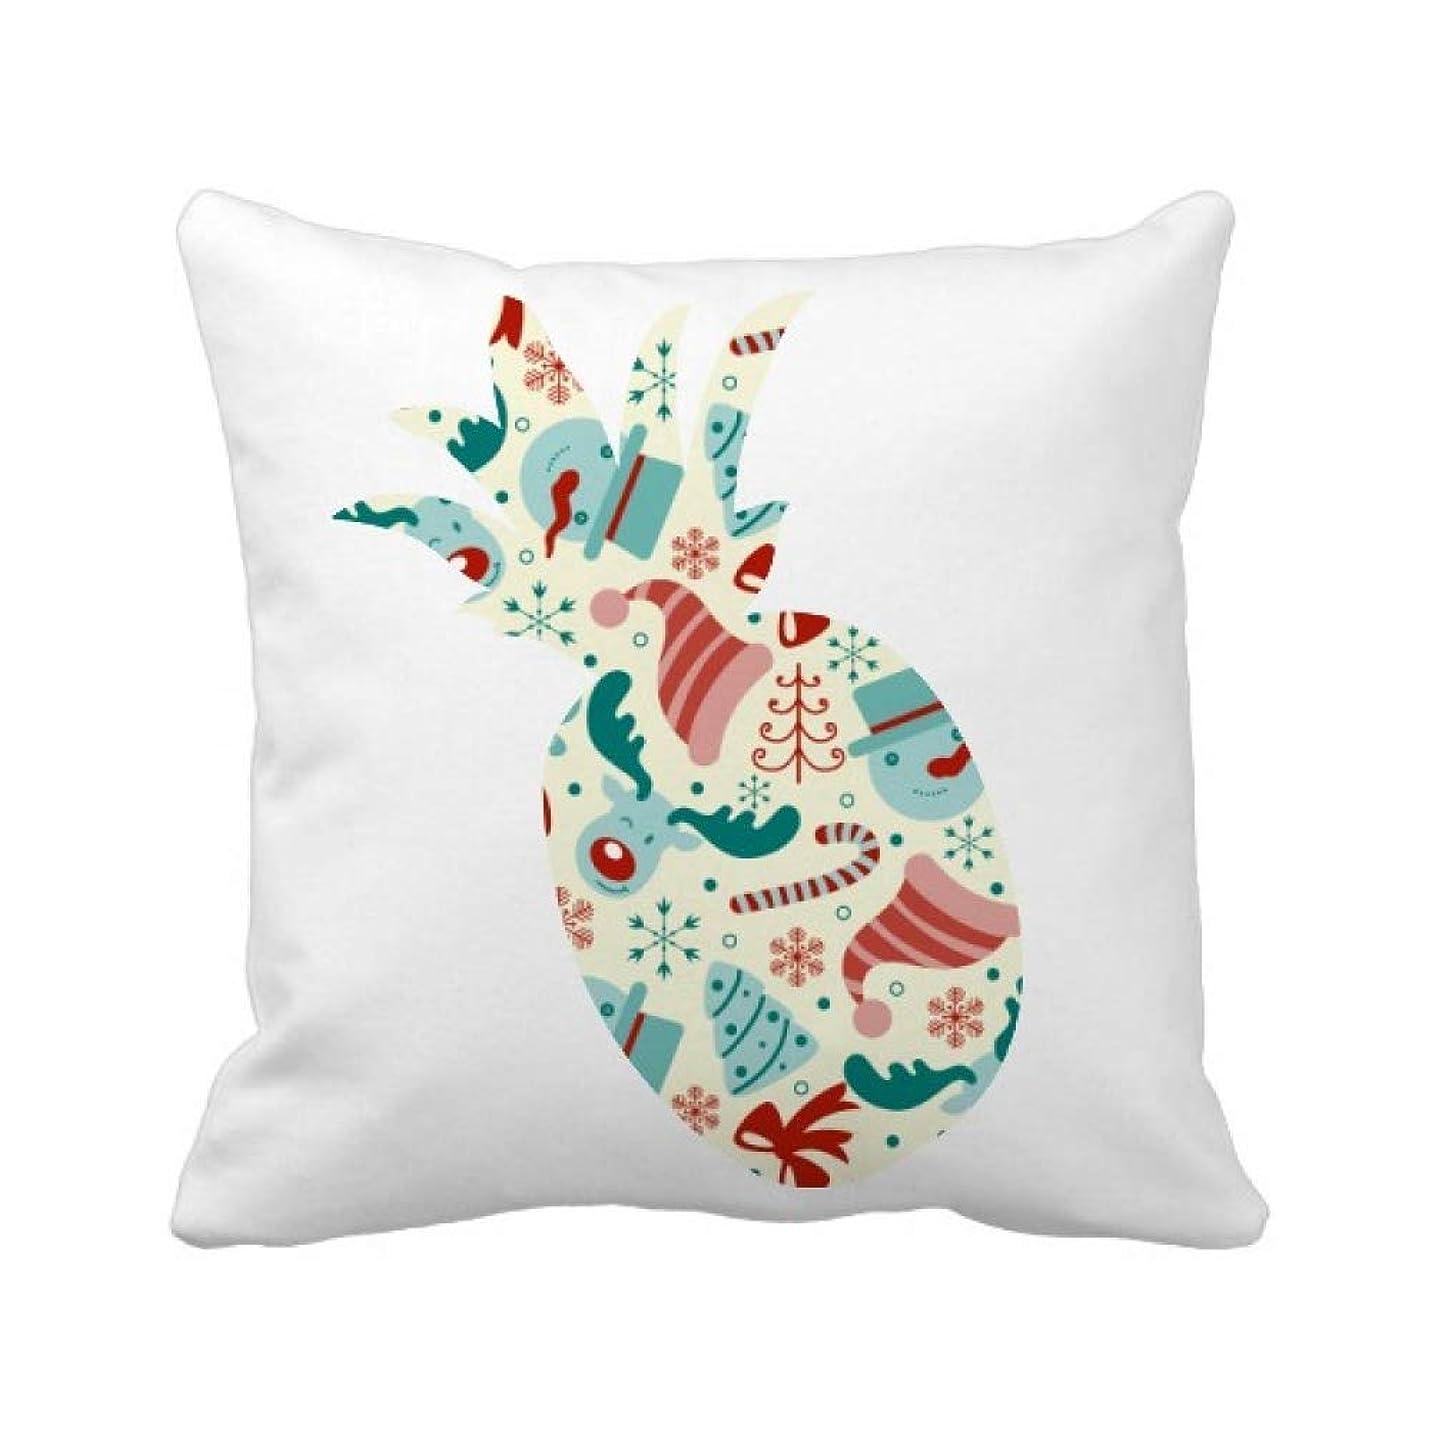 降ろす兵隊繊維陽気なクリスマスツリーの抽象的なイラスト パイナップル枕カバー正方形を投げる 50cm x 50cm